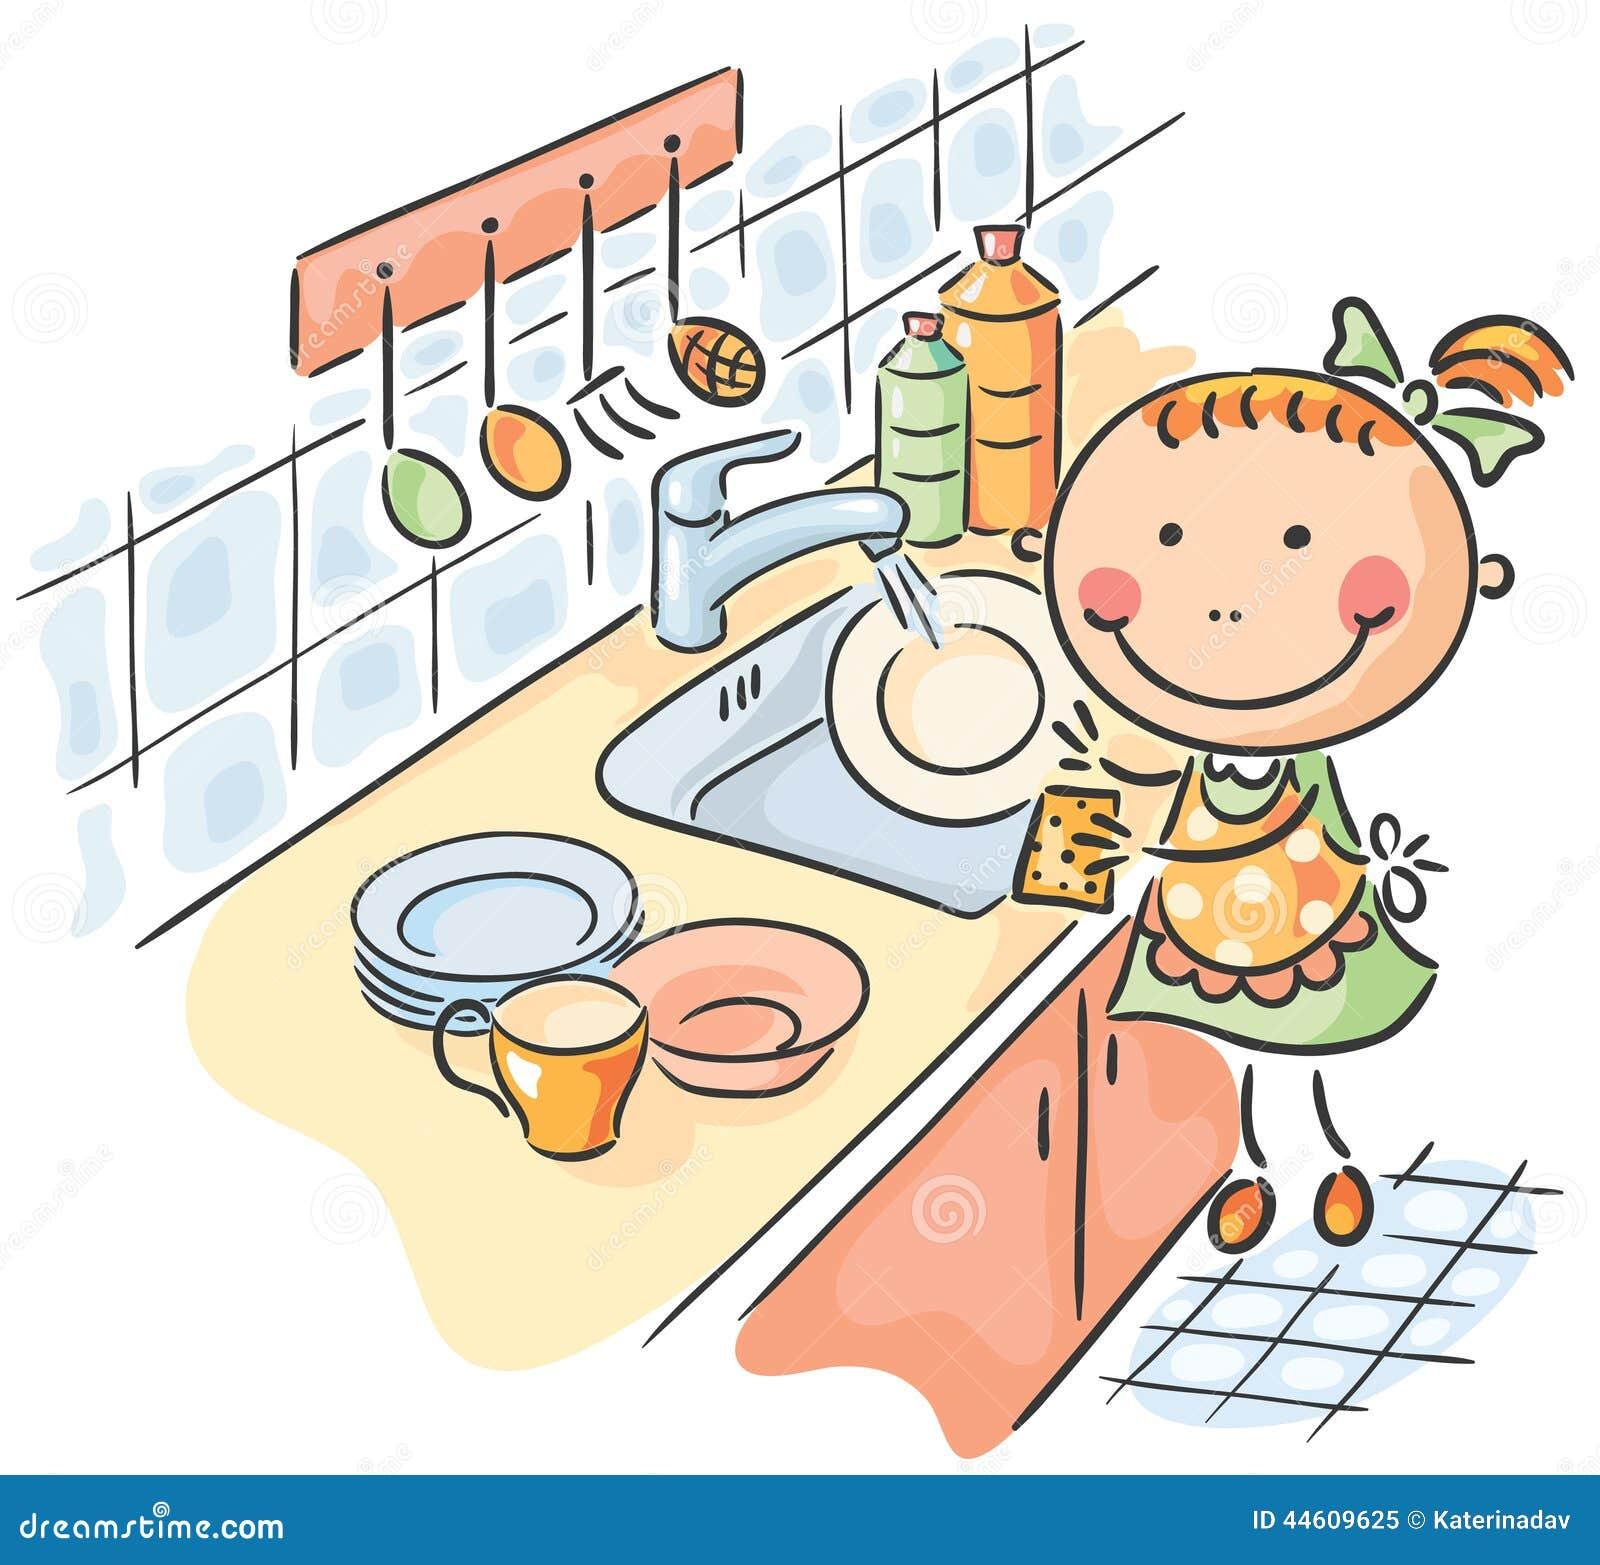 Сын мыл посуду и подошла мать 13 фотография